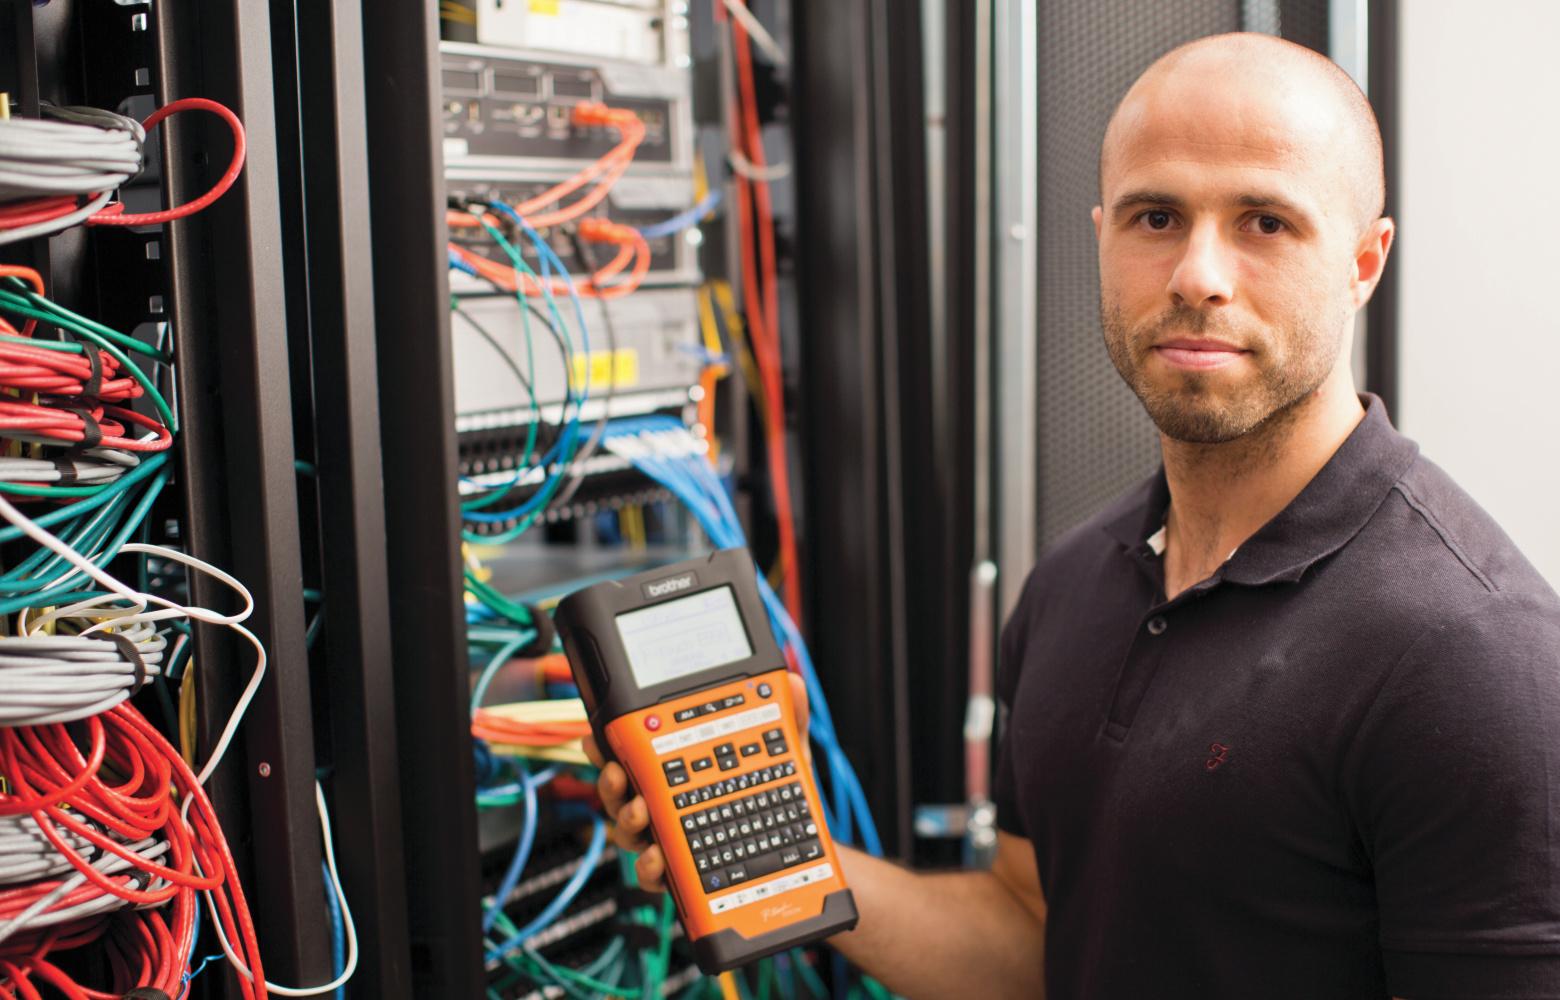 Síťový technik stojí před označenou rozvodnou skříní a drží tiskárnu štítků P-touch